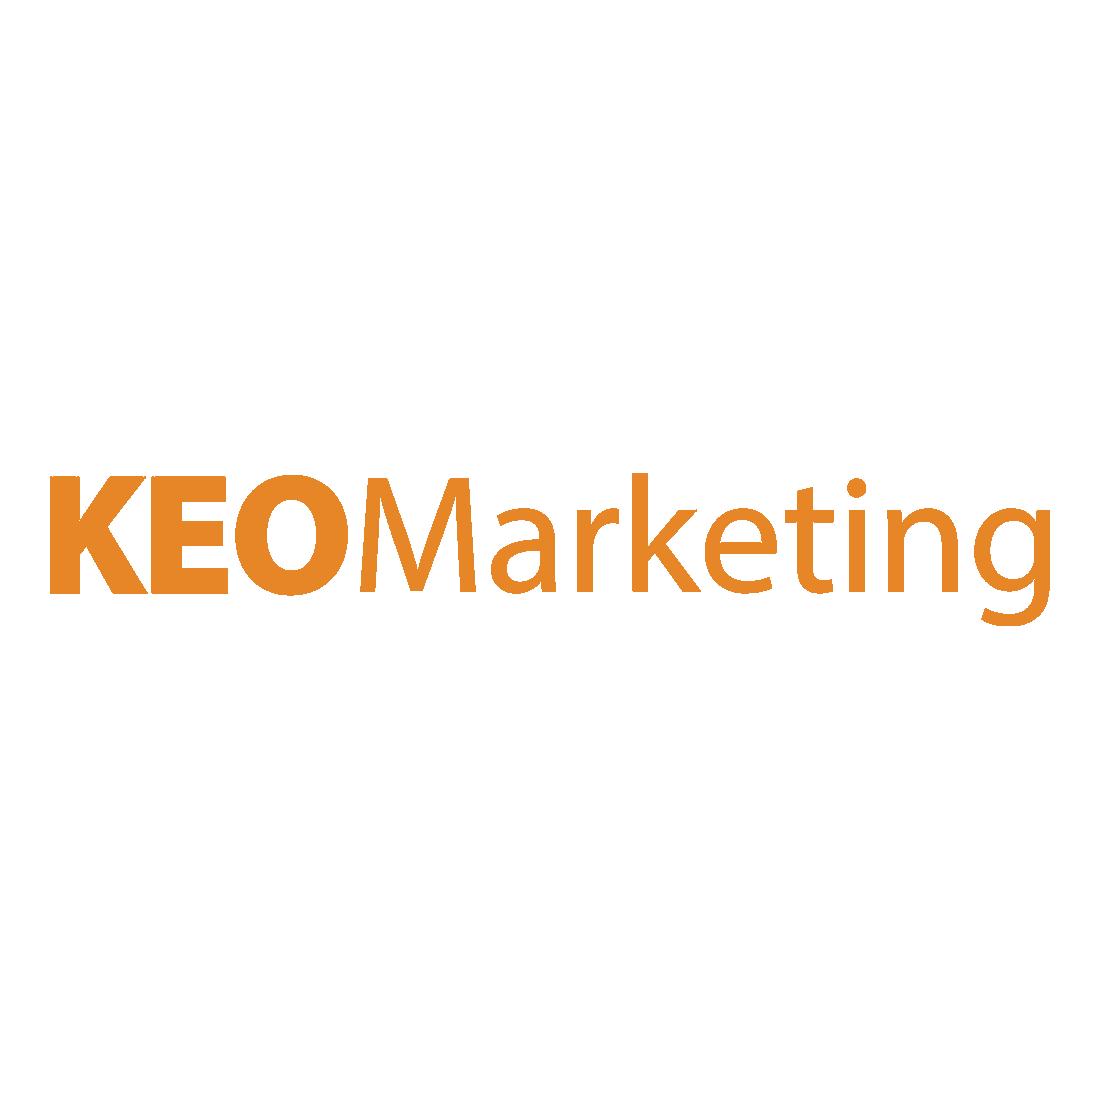 KEO Marketing Inc - Phoenix